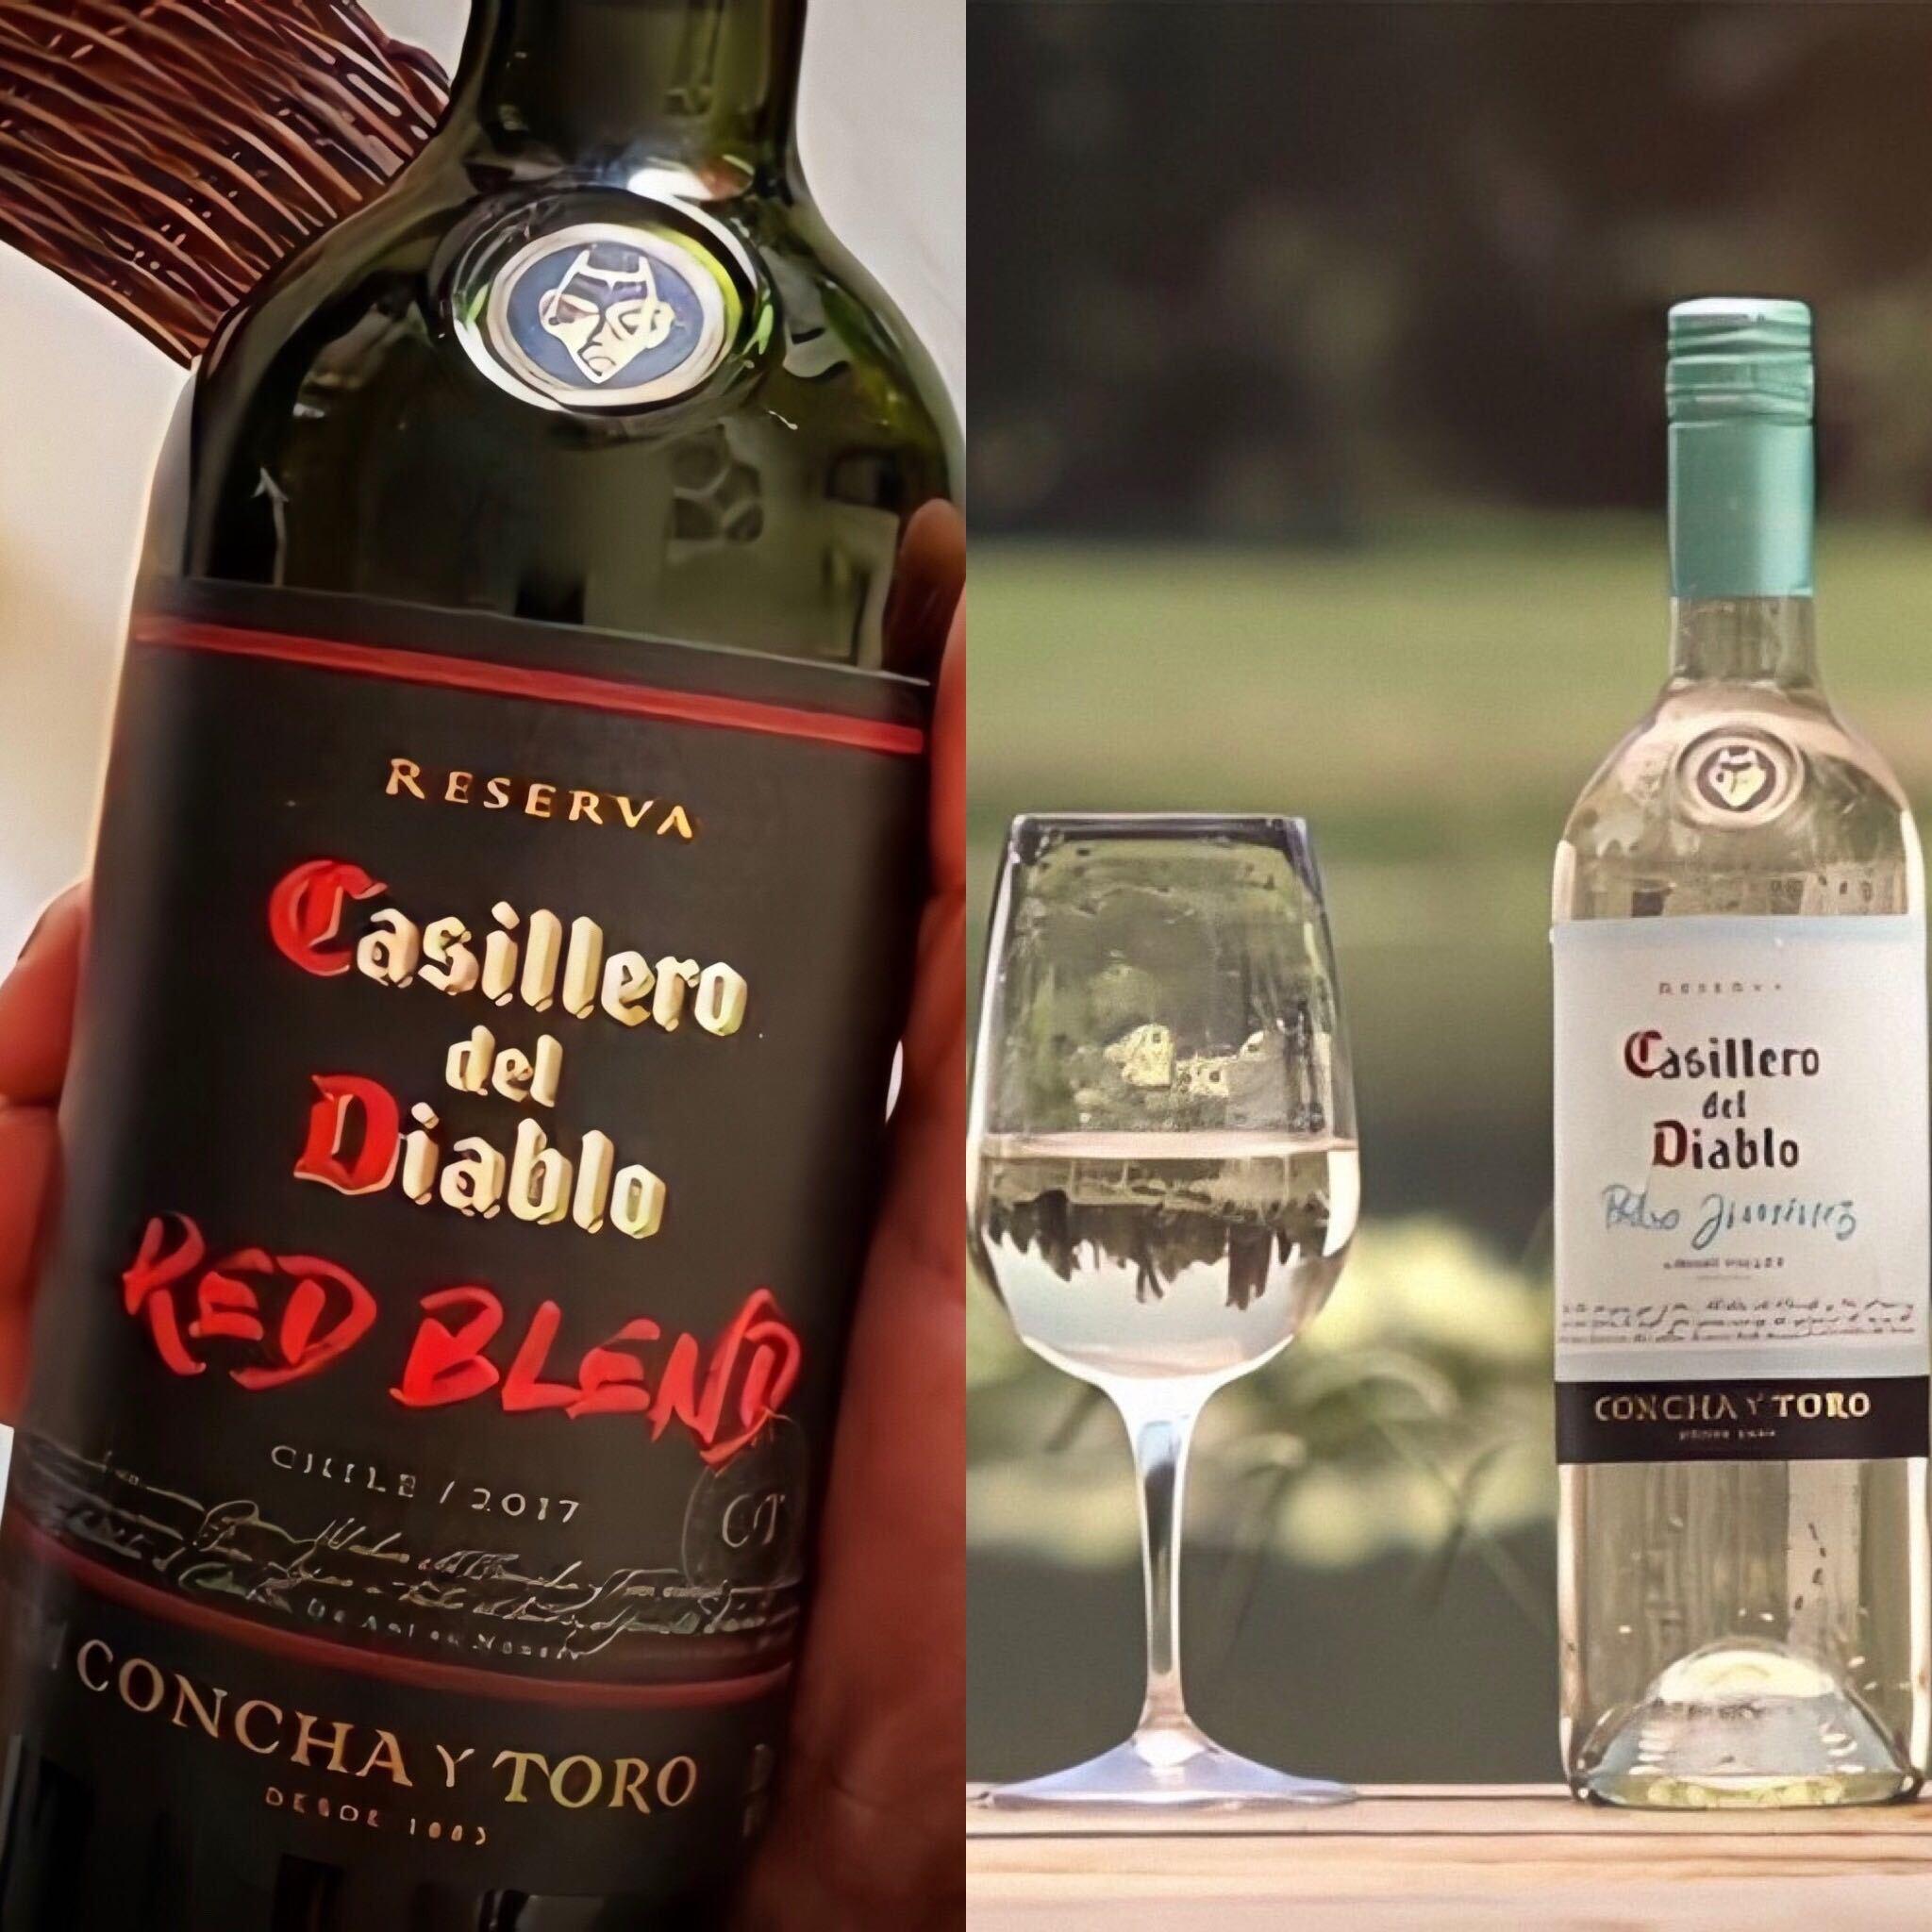 キンキンに冷やしたワインで乾杯! 赤・白ワインをセットでプレゼント